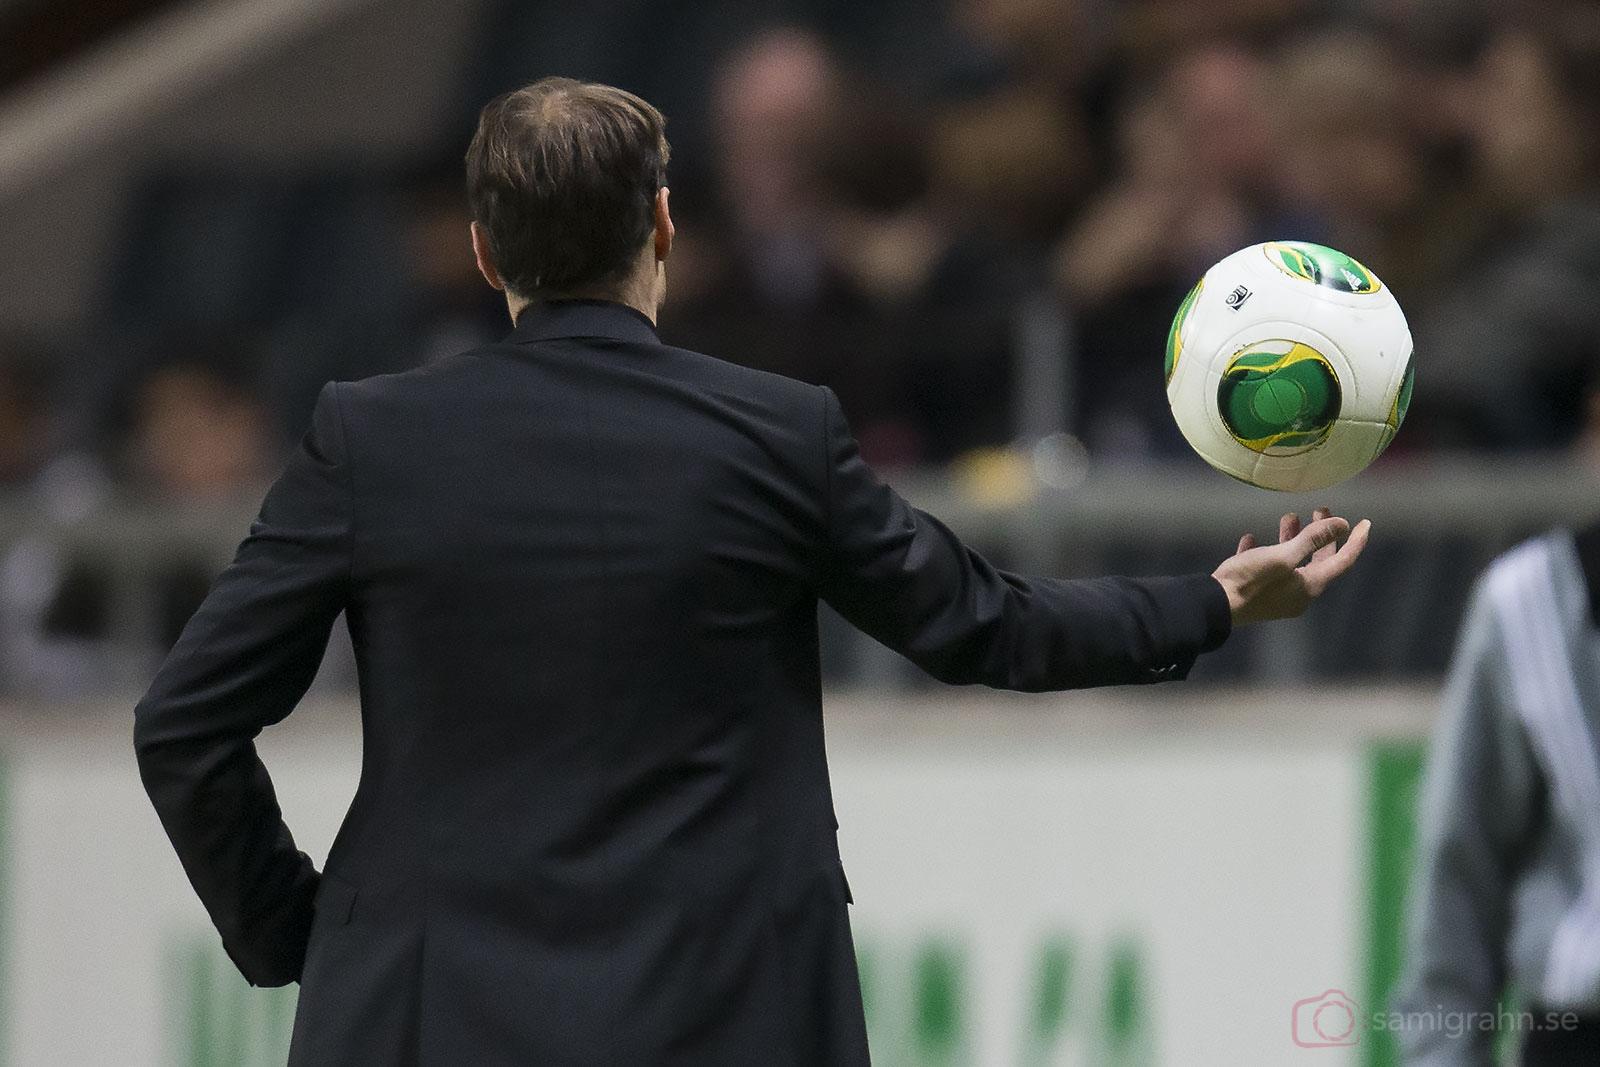 Ryggtavlan tillhör AIK:s tränare Andreas Alm